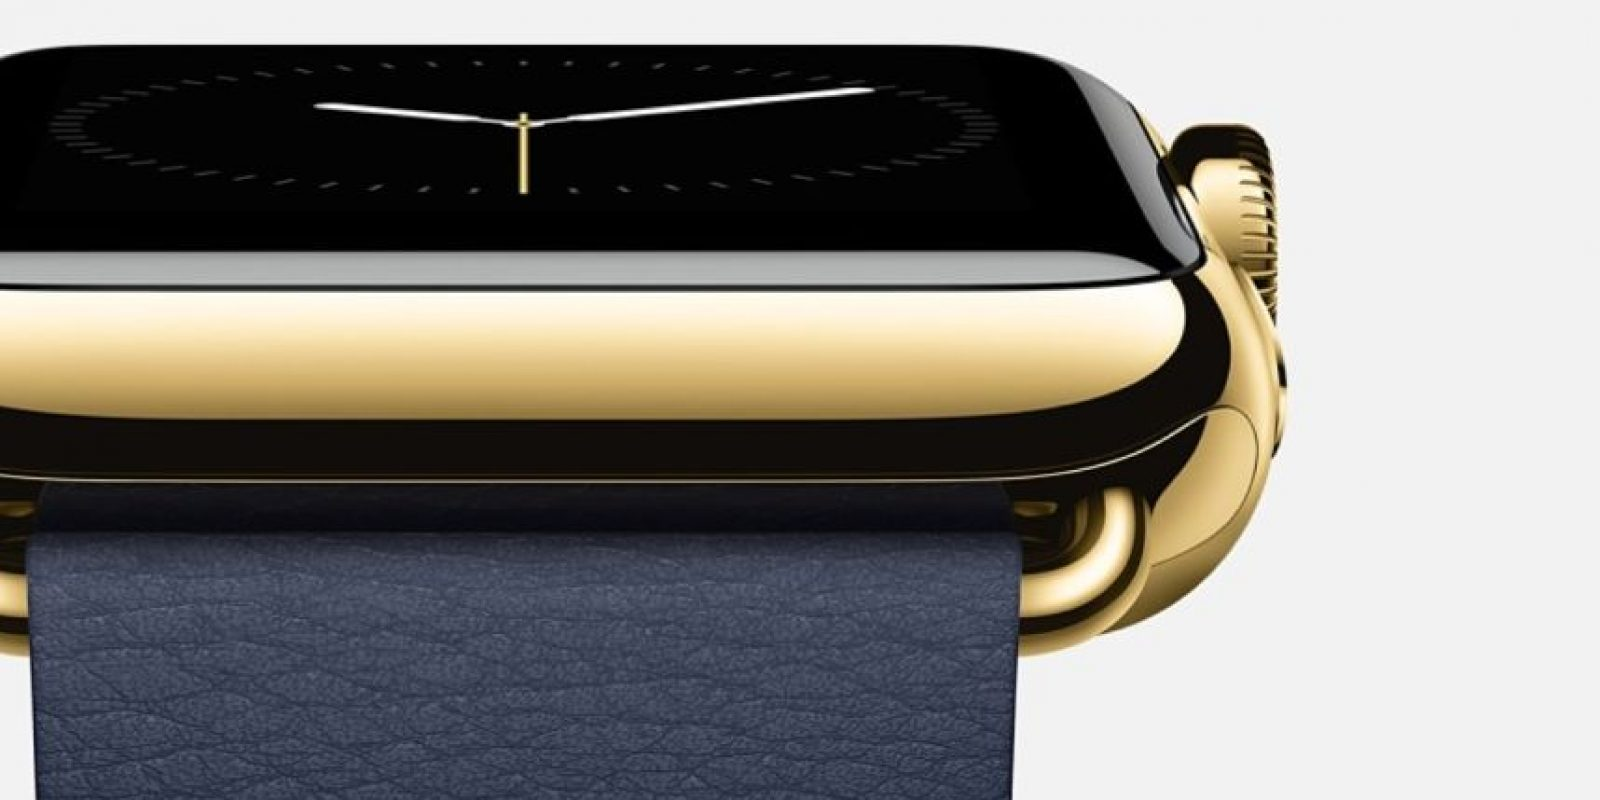 Según señalan, el Apple Watch Edition se ve como una pieza de joyería de lujo. Foto:Apple